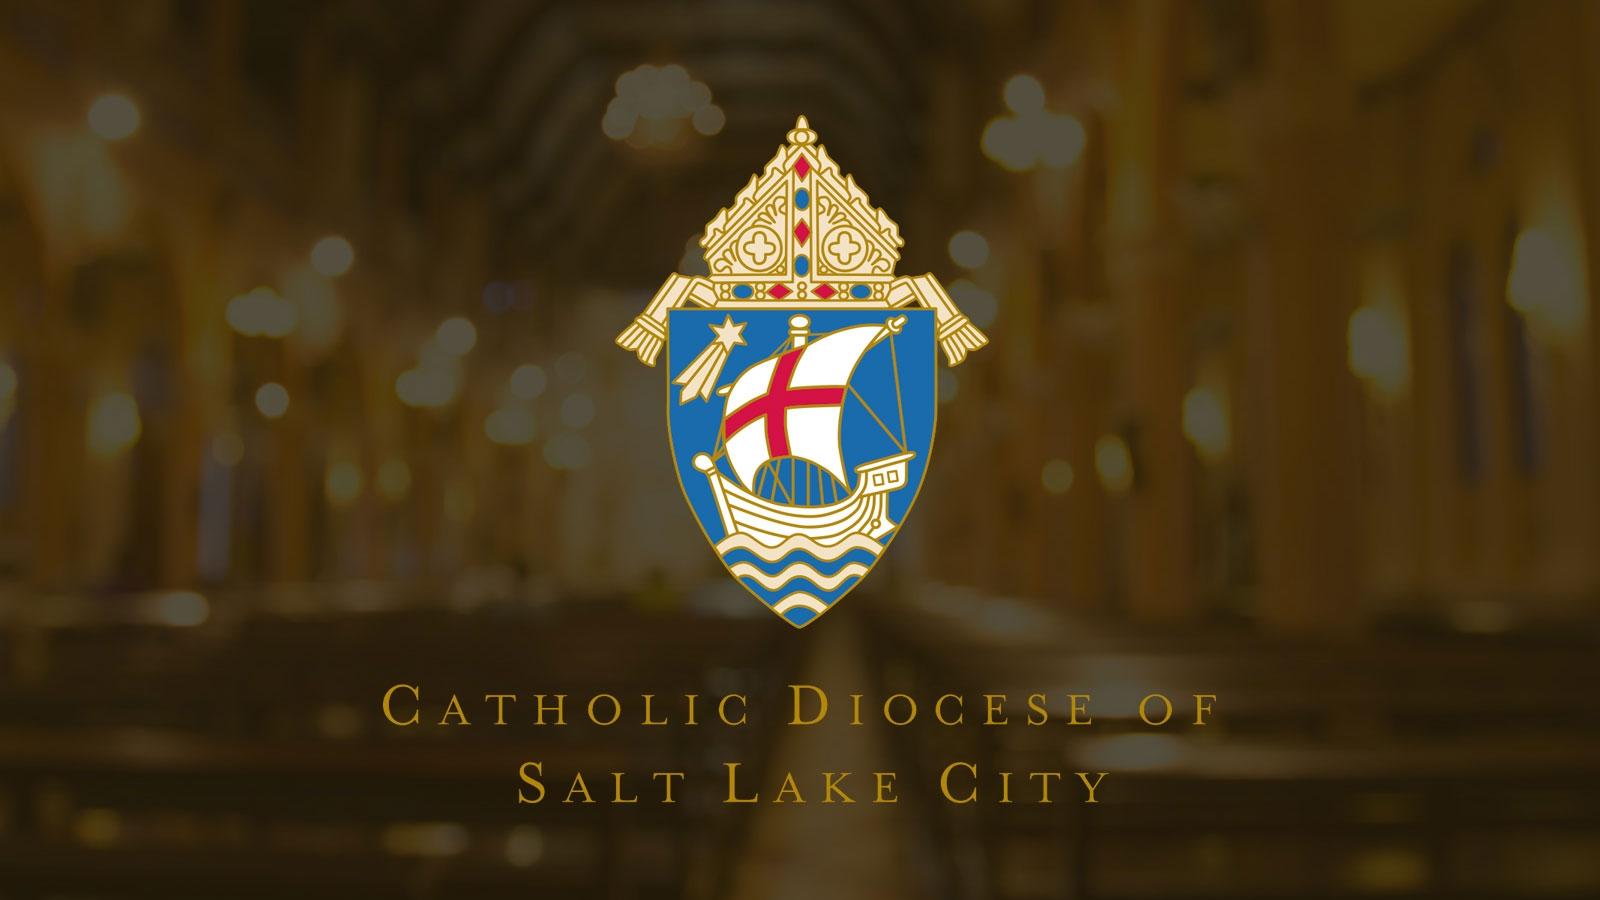 Diocese of salt lake city utah